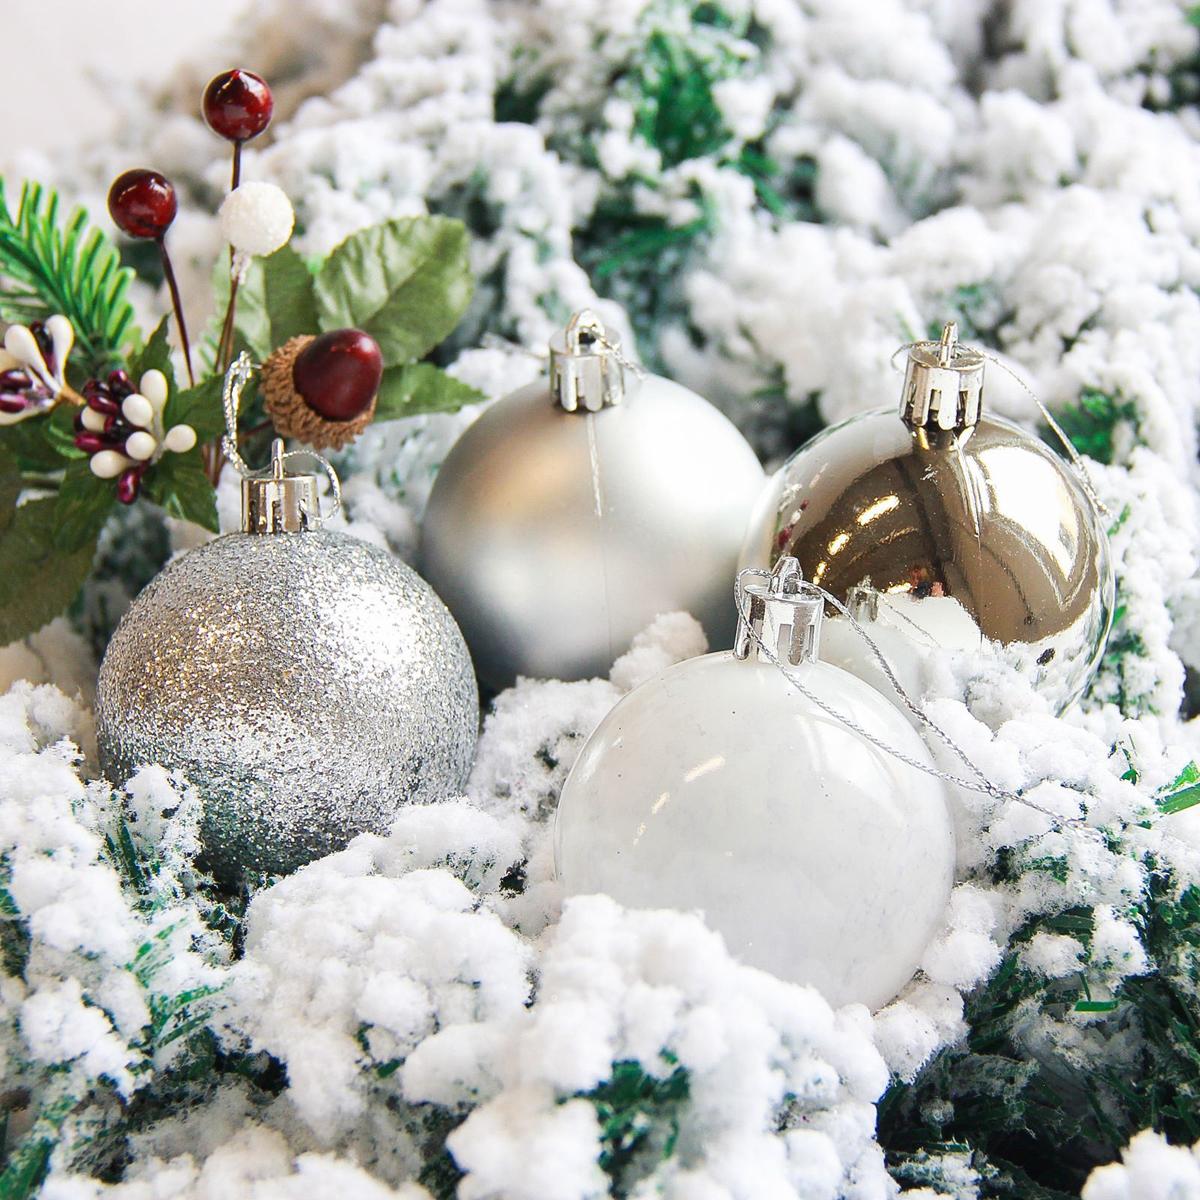 Набор новогодних подвесных украшений Sima-land Кьюзо, цвет: серебристый, диаметр 6 см, 16 шт. 21782402178240Набор новогодних подвесных украшений Sima-land отлично подойдет для декорации вашего дома и новогодней ели. С помощью специальной петельки украшение можно повесить в любом понравившемся вам месте. Но, конечно, удачнее всего оно будет смотреться на праздничной елке. Елочная игрушка - символ Нового года. Она несет в себе волшебство и красоту праздника. Создайте в своем доме атмосферу веселья и радости, украшая новогоднюю елку нарядными игрушками, которые будут из года в год накапливать теплоту воспоминаний.